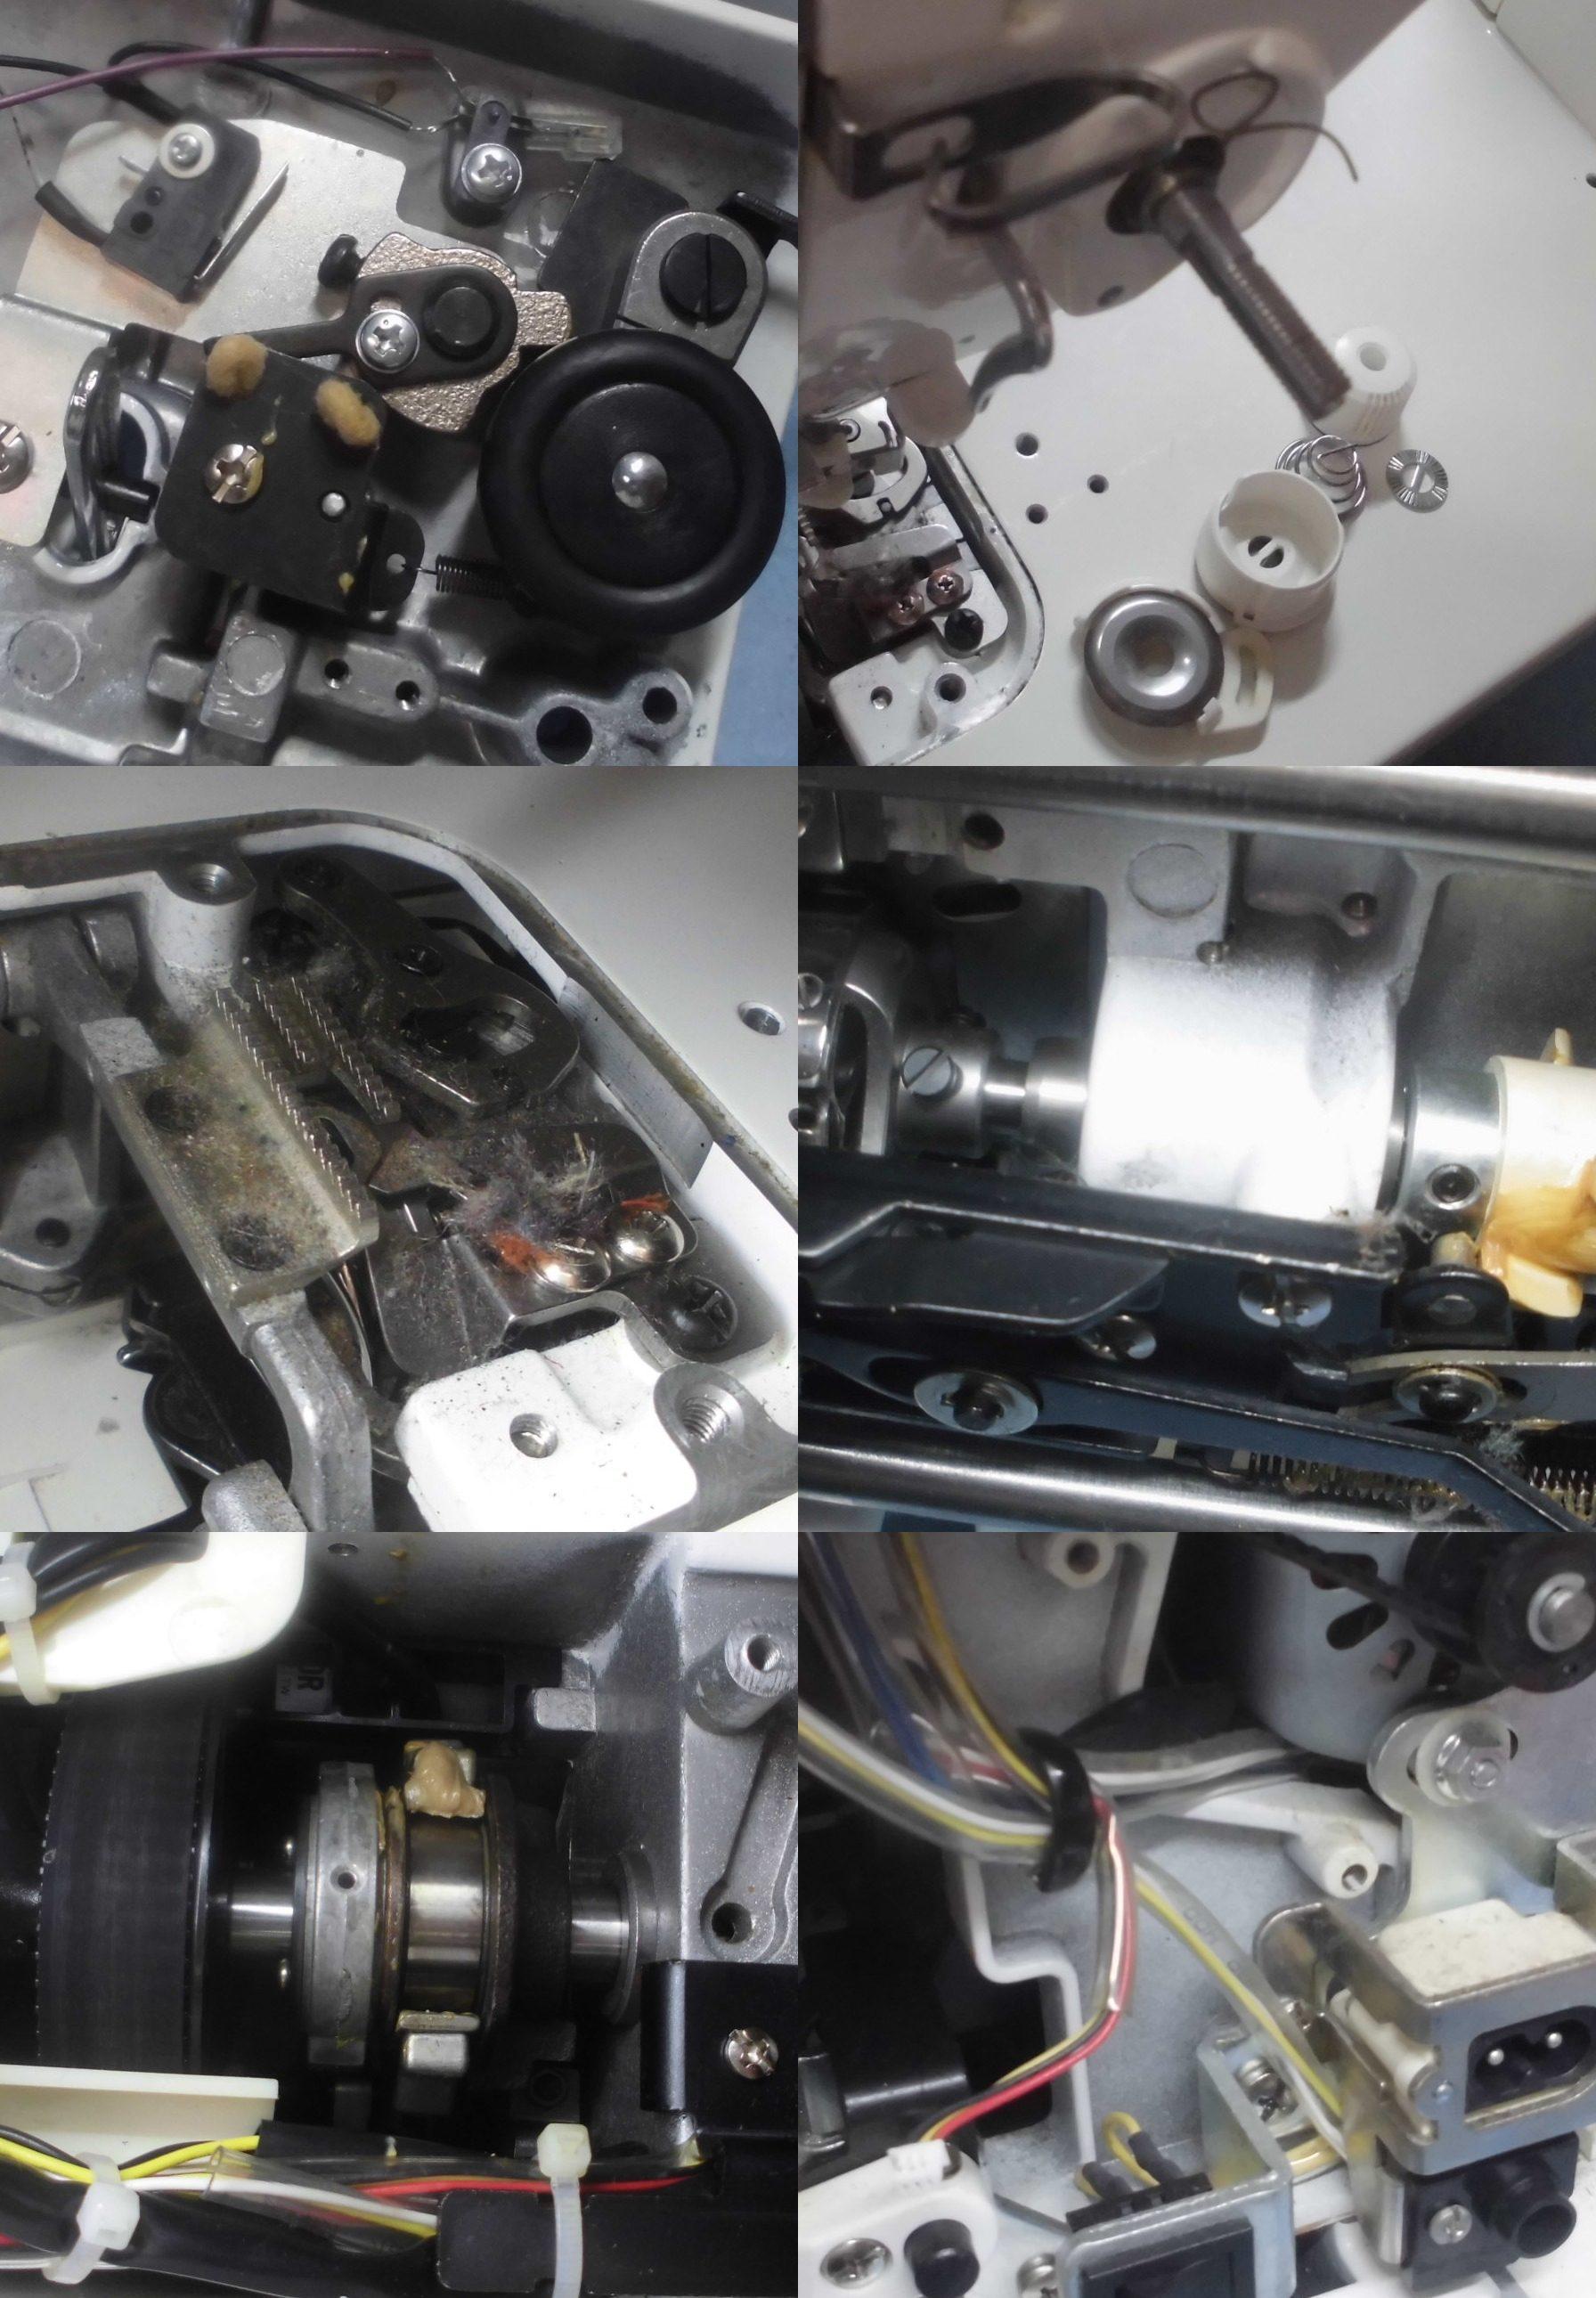 TL30DXBの全体オーバーホールメンテナンス修理|ジューキミシン(職業用)